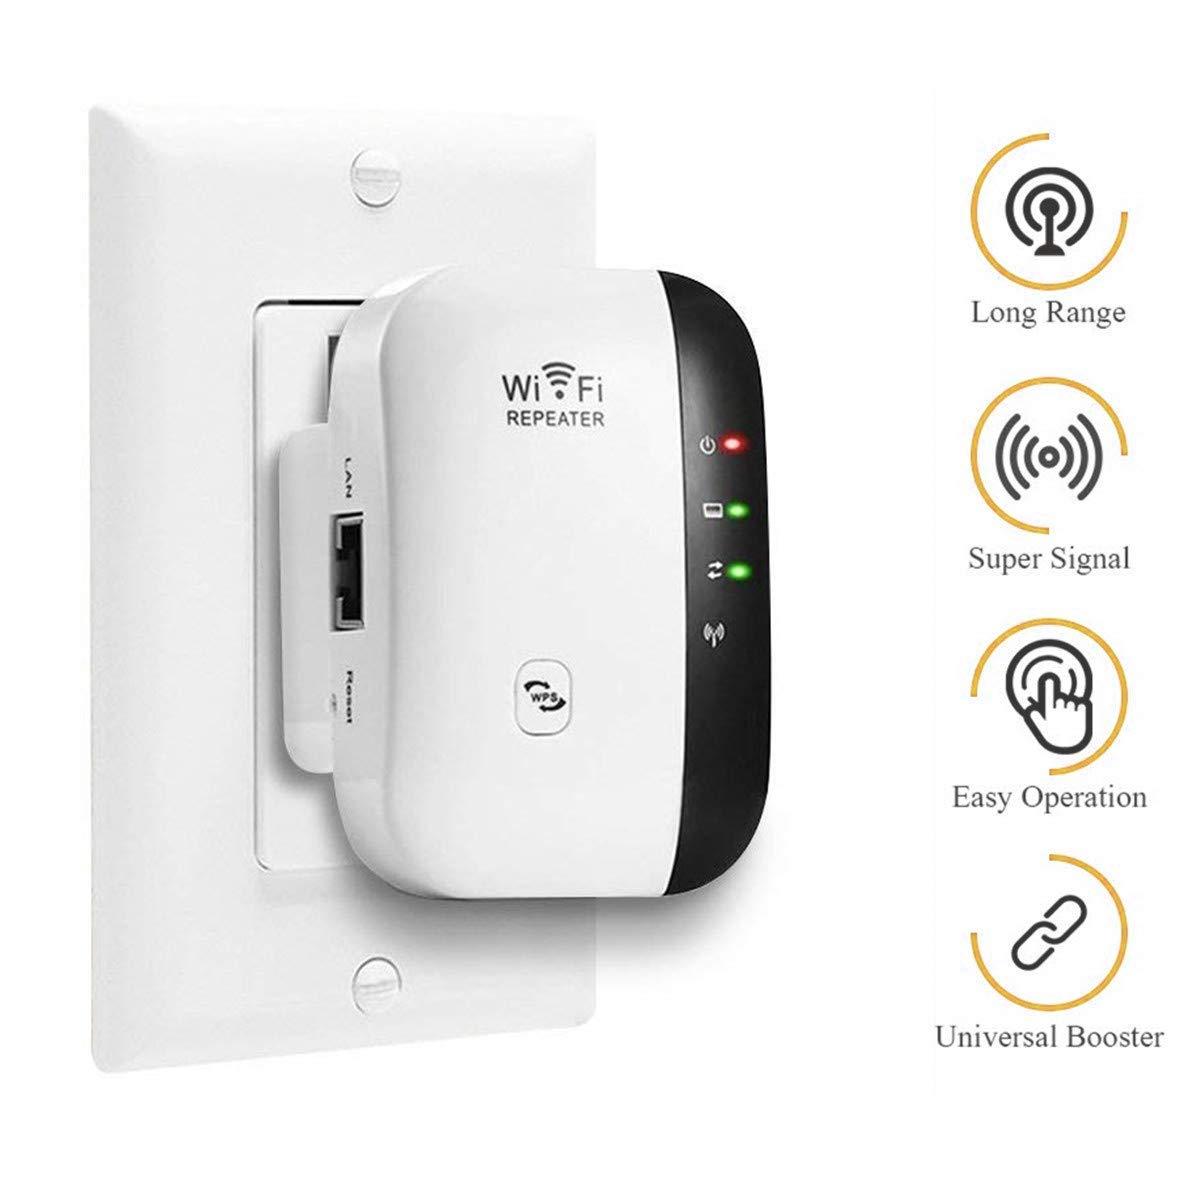 Drahtlose WiFi Repeater Signal Verstärker 802.11N/B/G Wi-fi Range Extender 300Mbps Signal-verstärker Repetidor Wifi Wps verschlüsselung